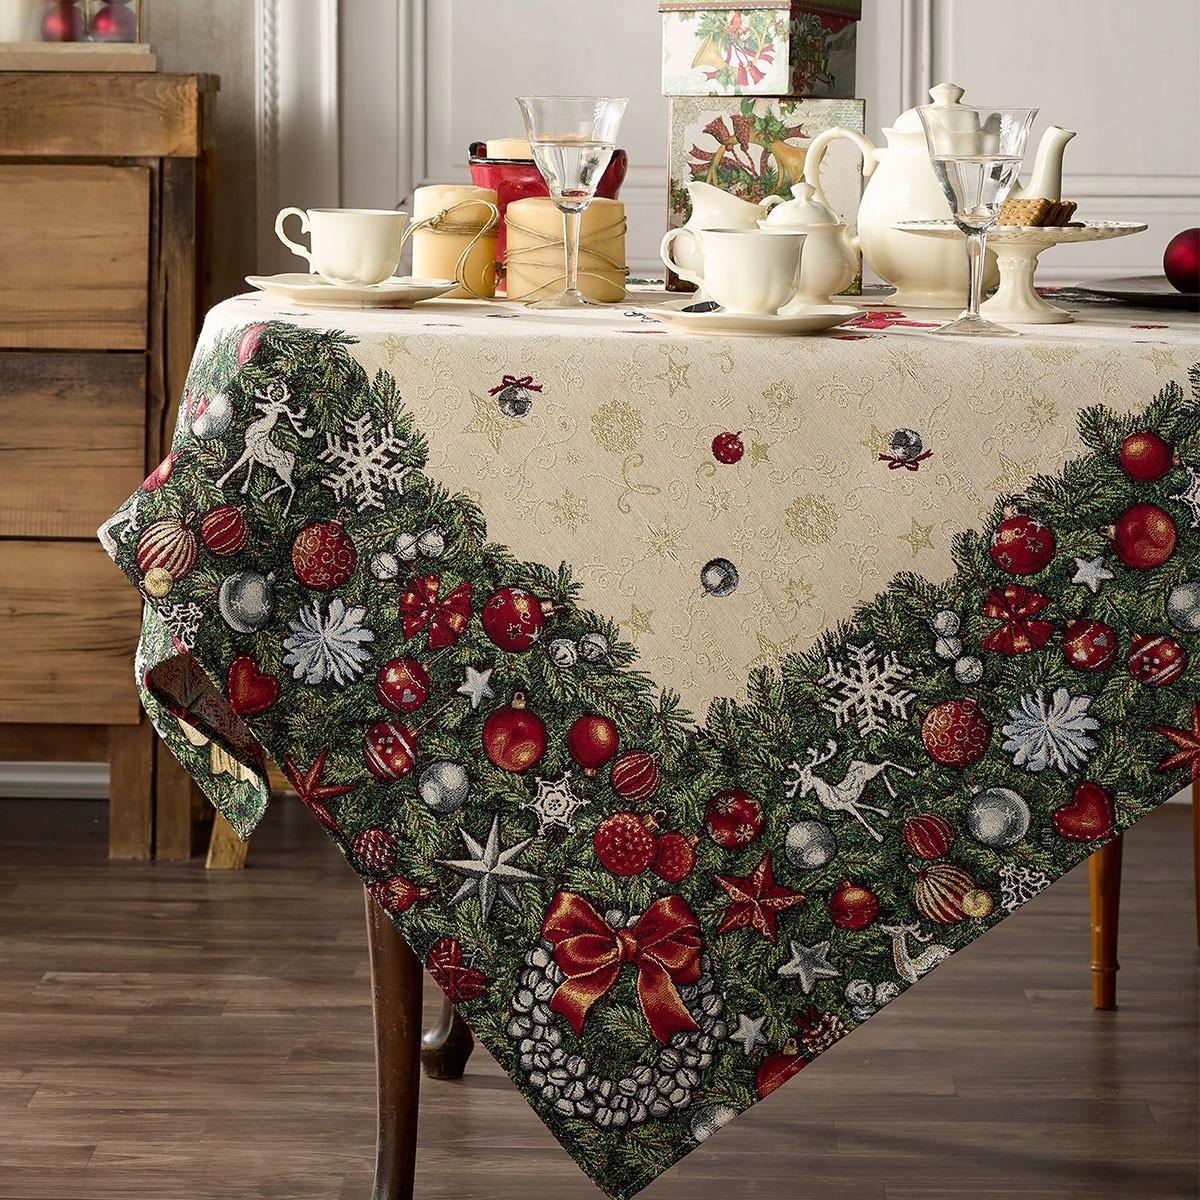 Χριστουγεννιάτικο Τραπεζομάντηλο (135x220) Gofis Home 209